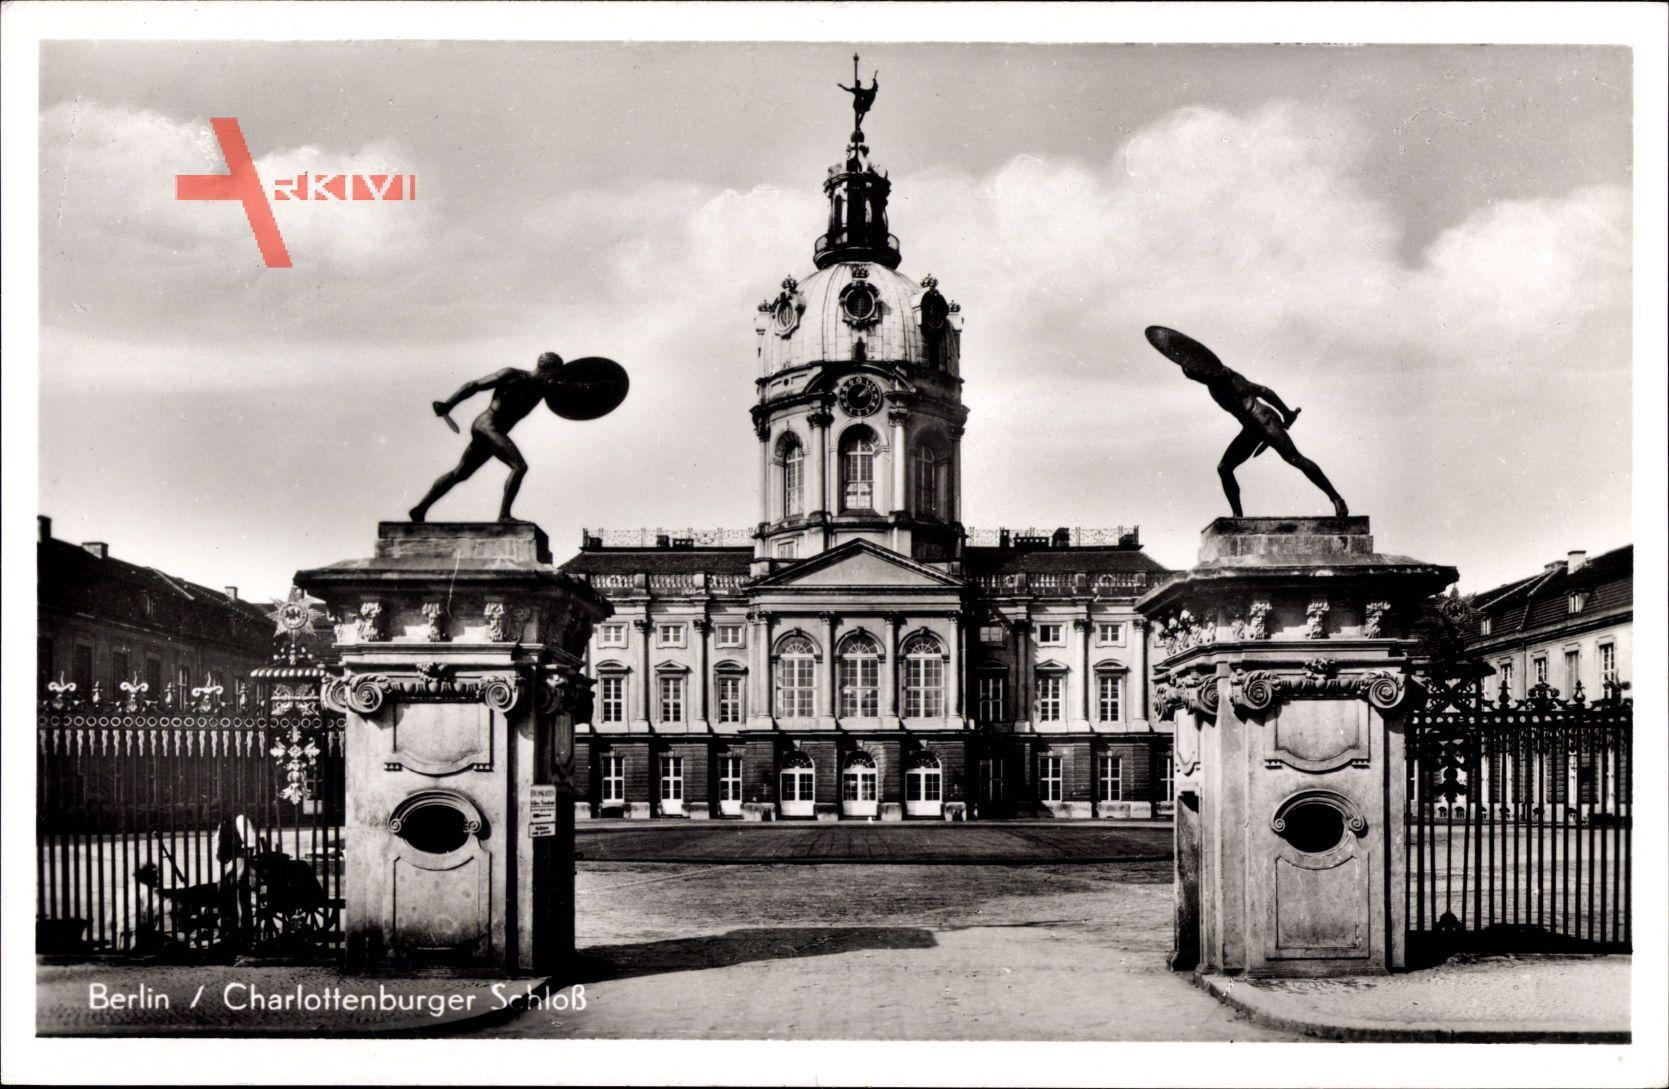 Berlin Charlottenburg, Blick auf das Schloss, Eingangsportal, Statuen